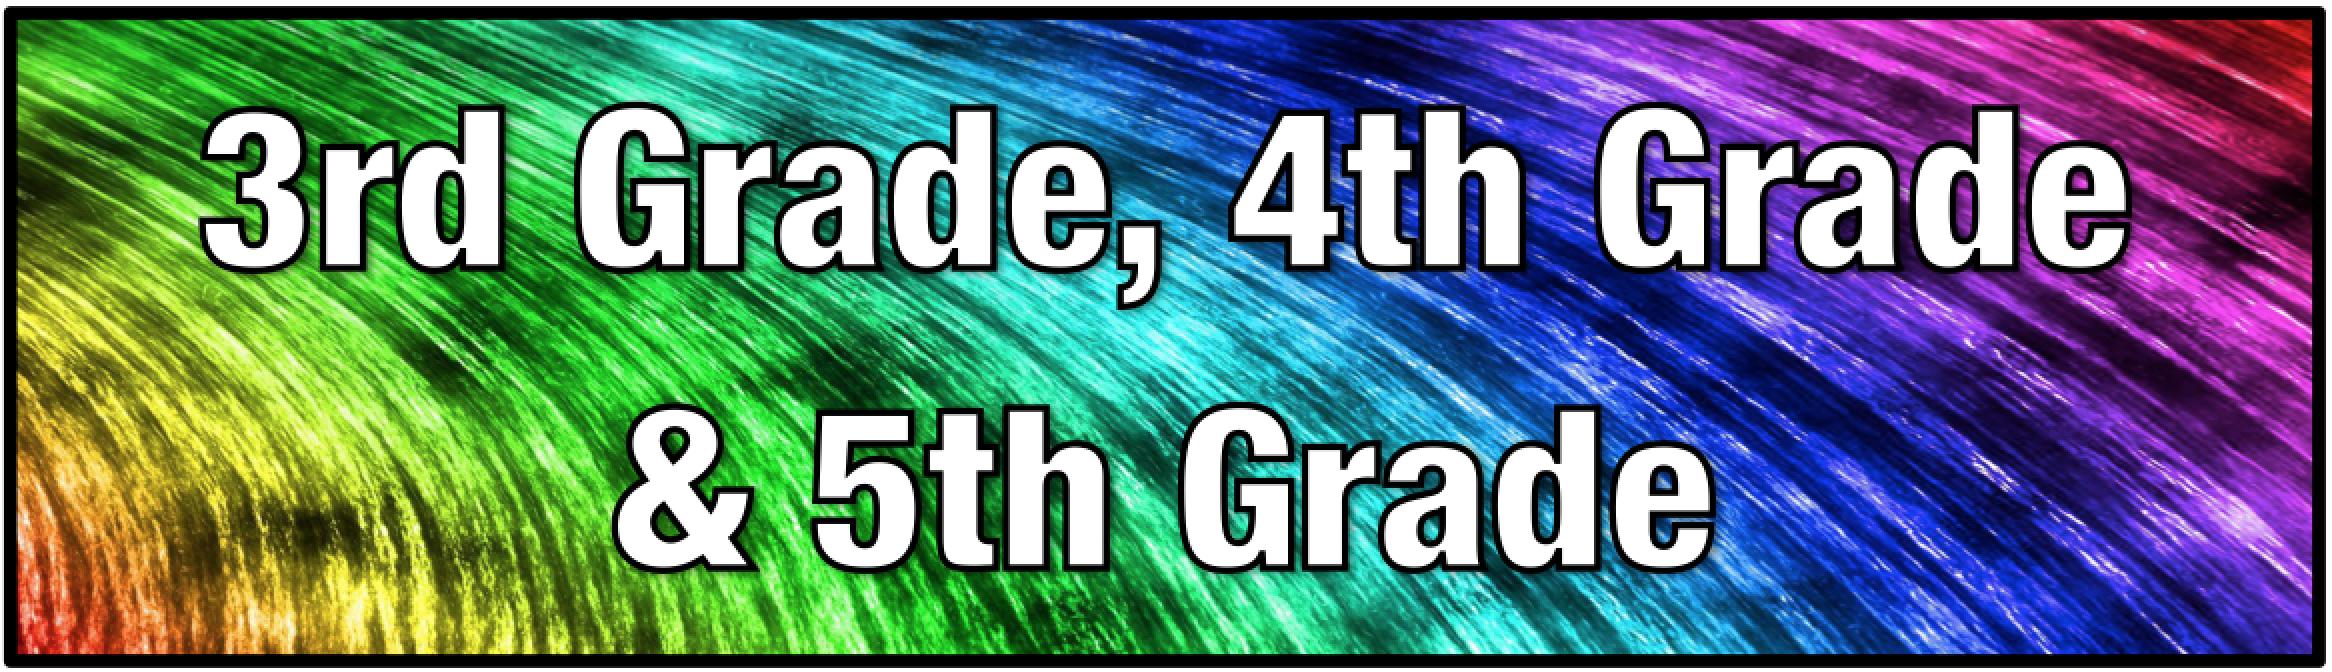 3rd Grade, 4th Grade, 5th Grade